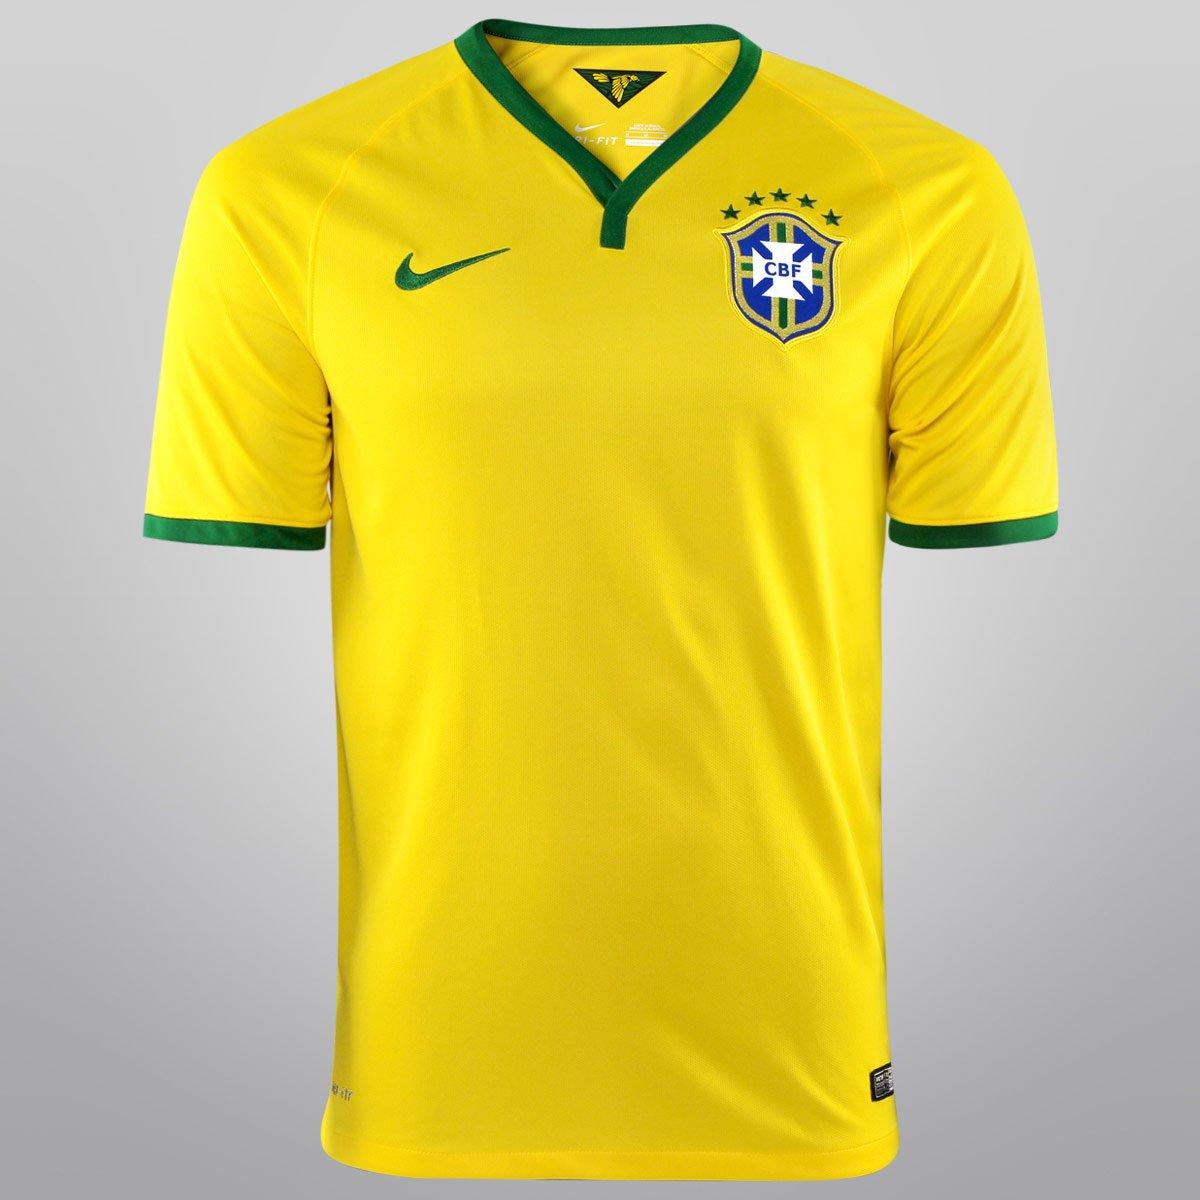 f6d24993a0 Camisa Nike Seleção Brasil I 14 15 s nº - Torcedor - Compre Agora ...